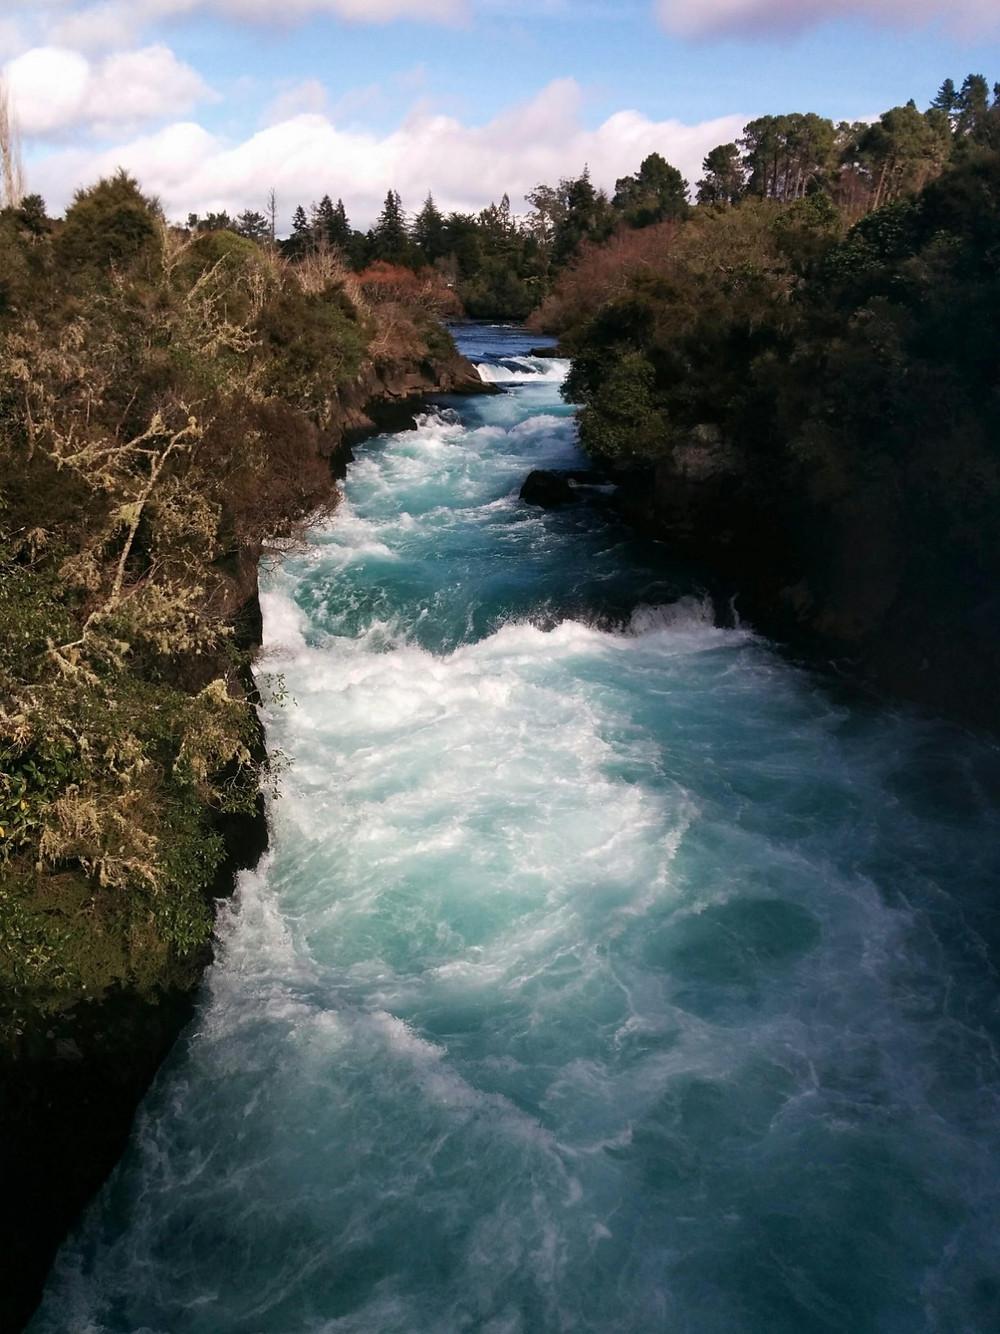 Aqua blue river at Huka Falls